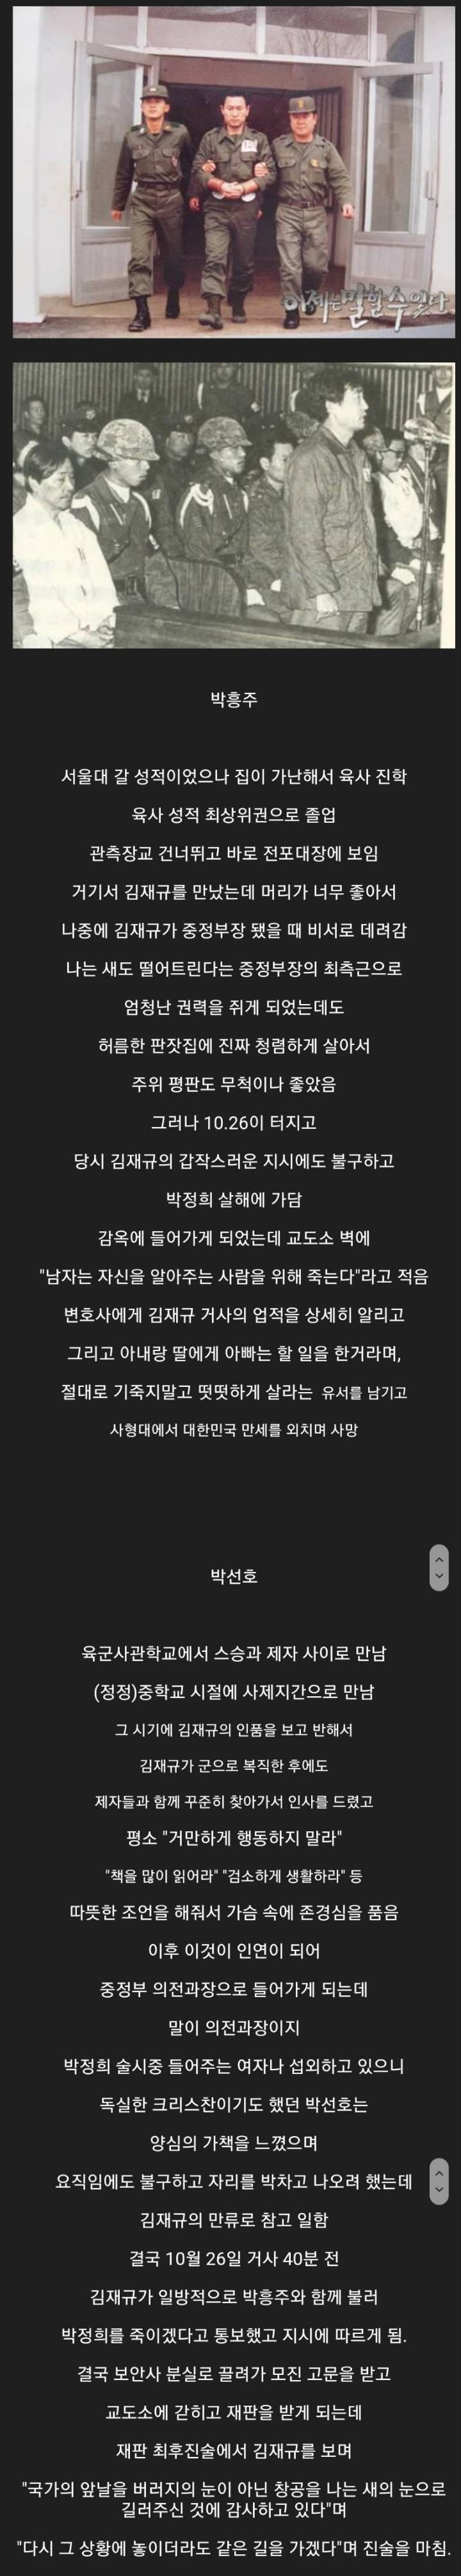 김재규와 마지막을 함께한 부하들.jpg   인스티즈